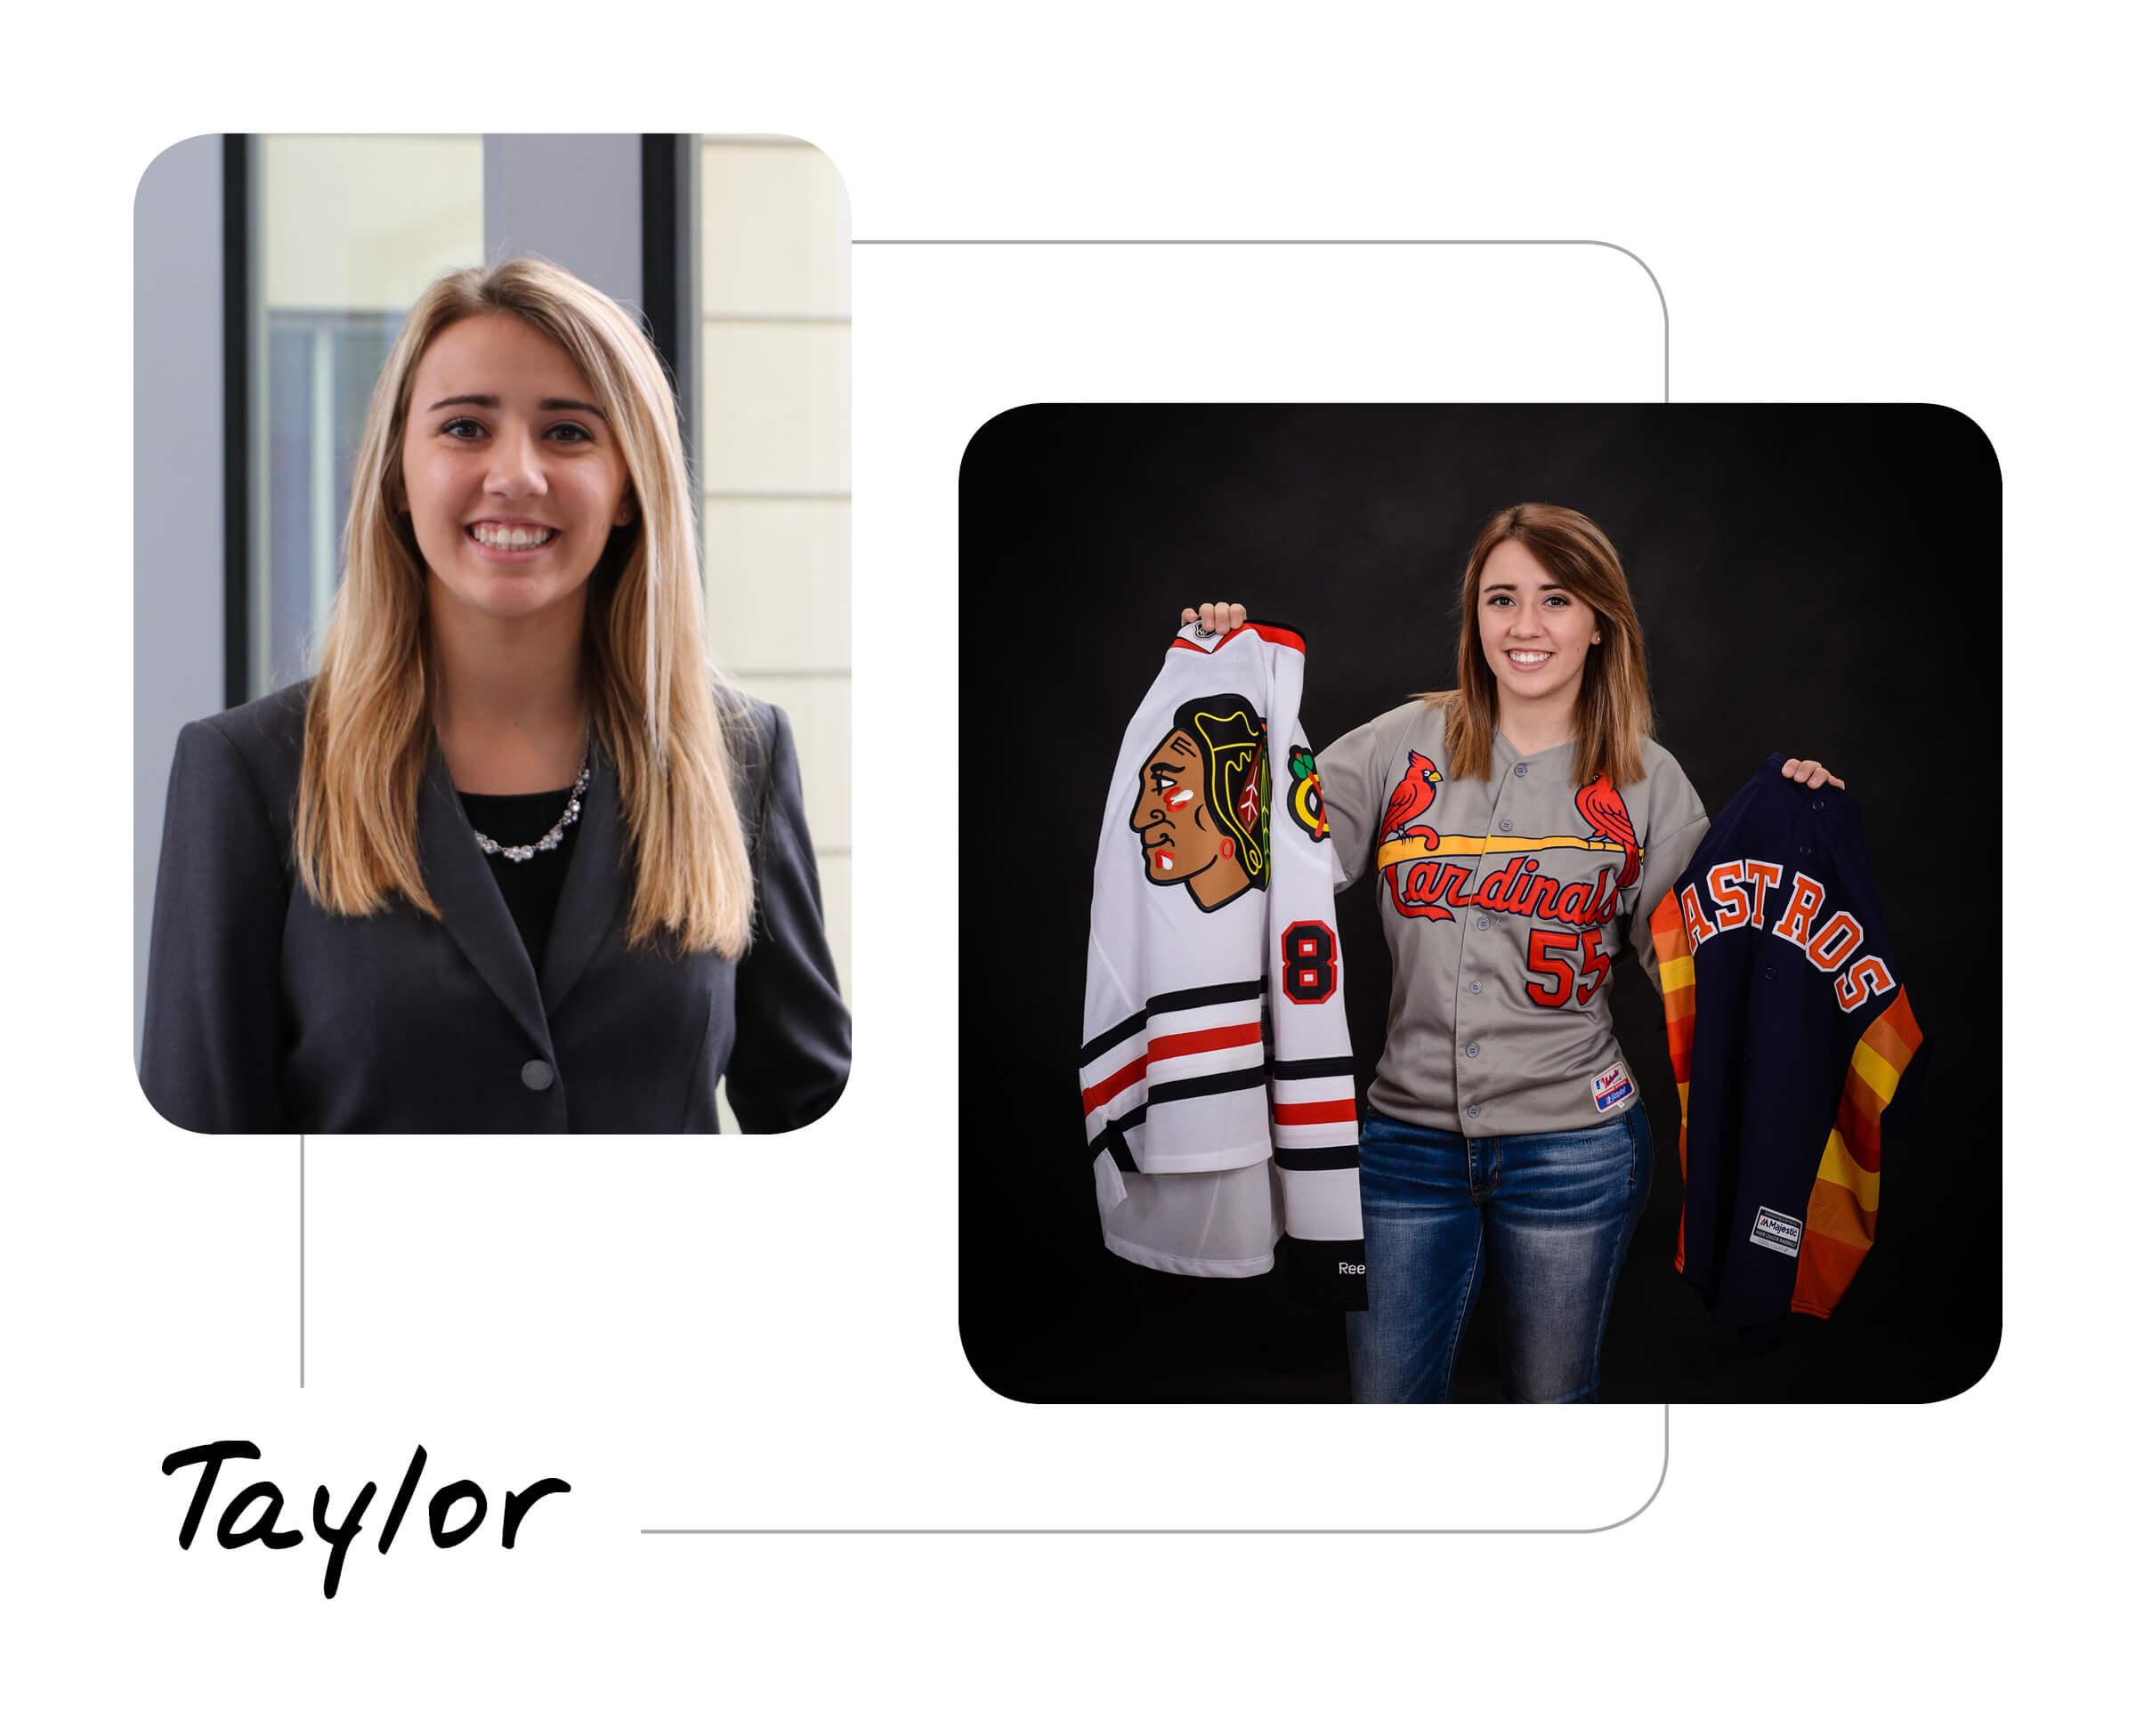 Taylor-no BIO